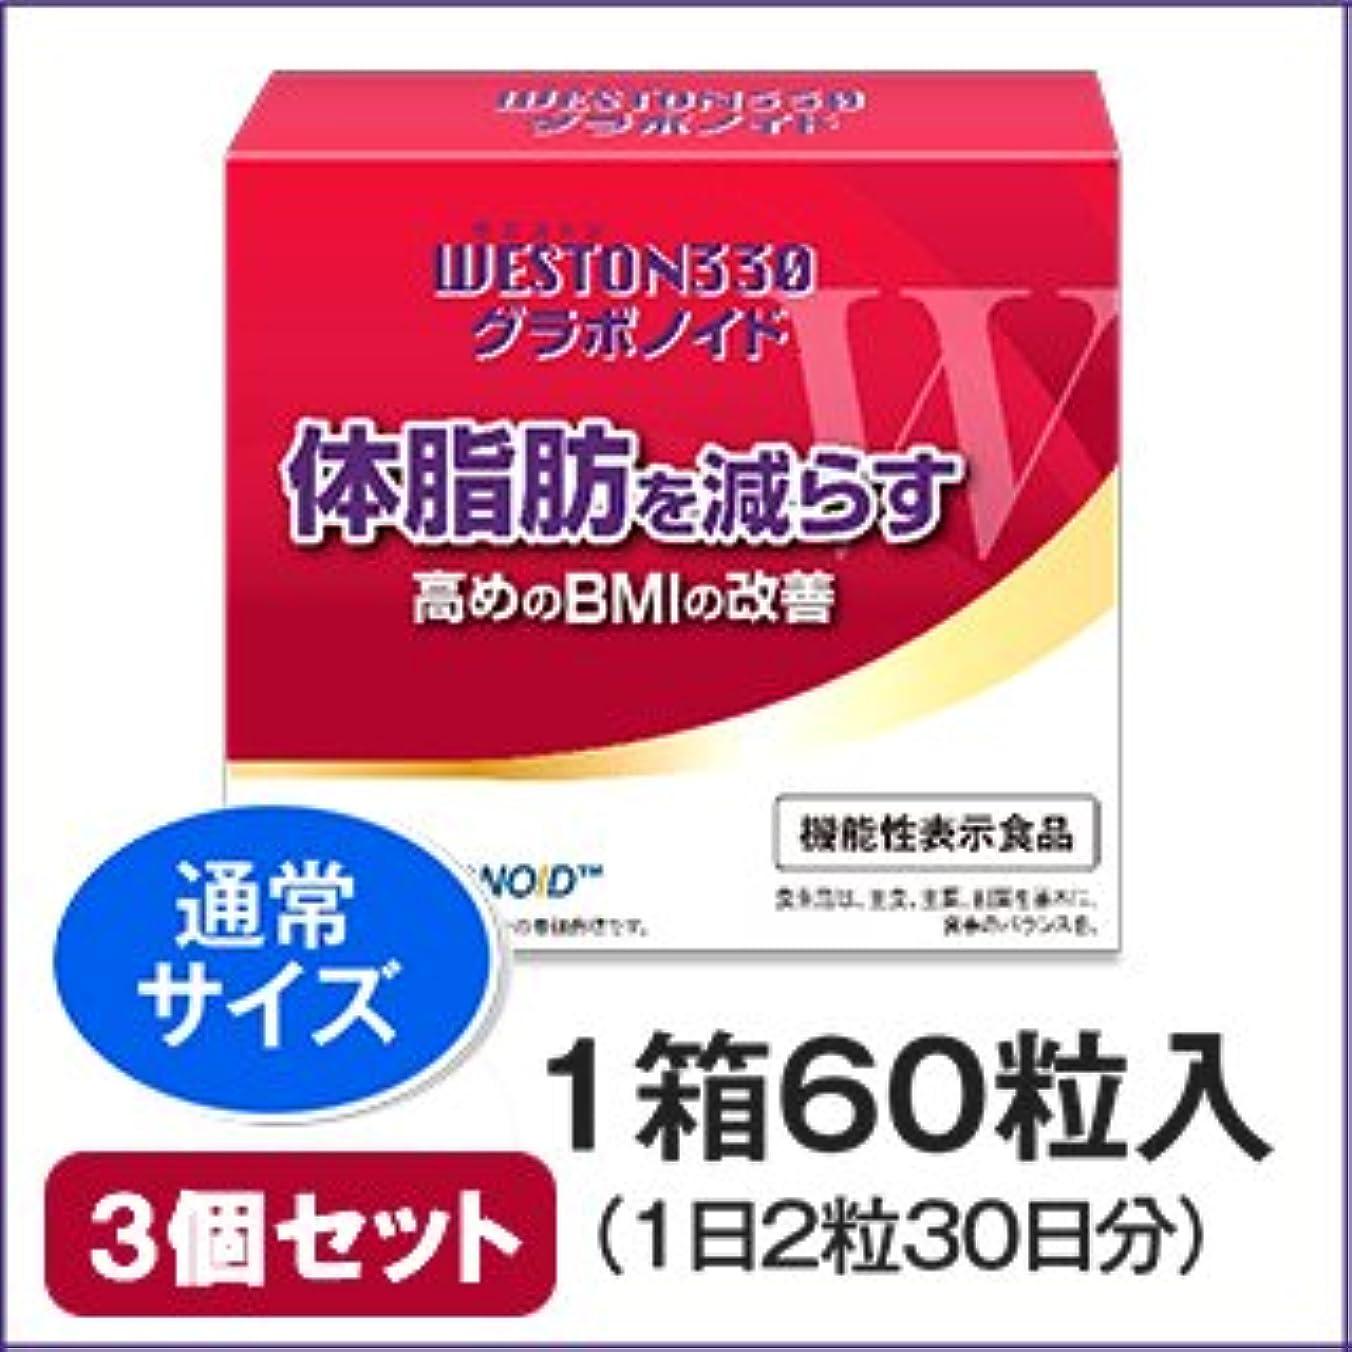 ウエストン330グラボノイド(30日分 1箱60粒入り)×3個セット